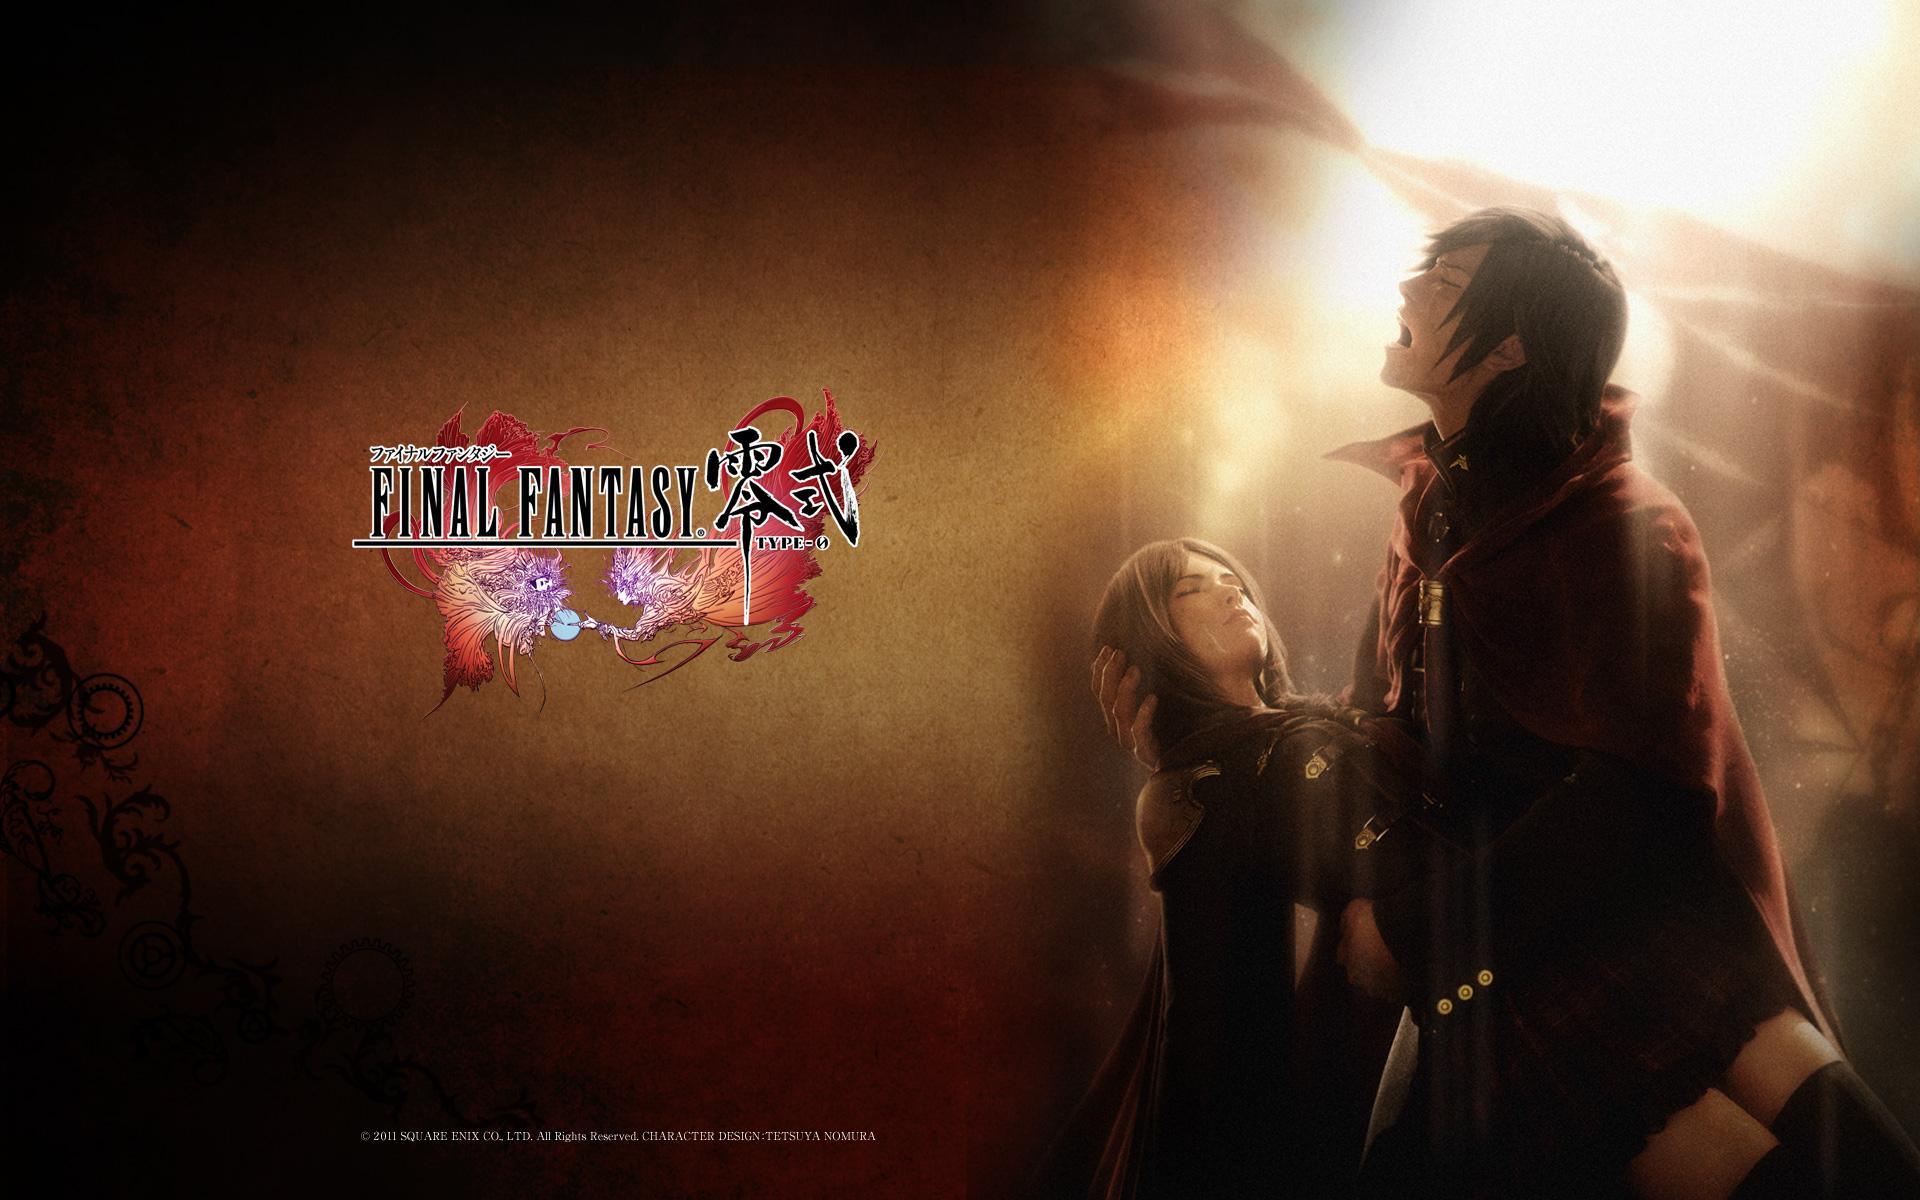 Sony Reveló Un Ps4 De Final Fantasy Type 0 Hd Exclusivo De Japón